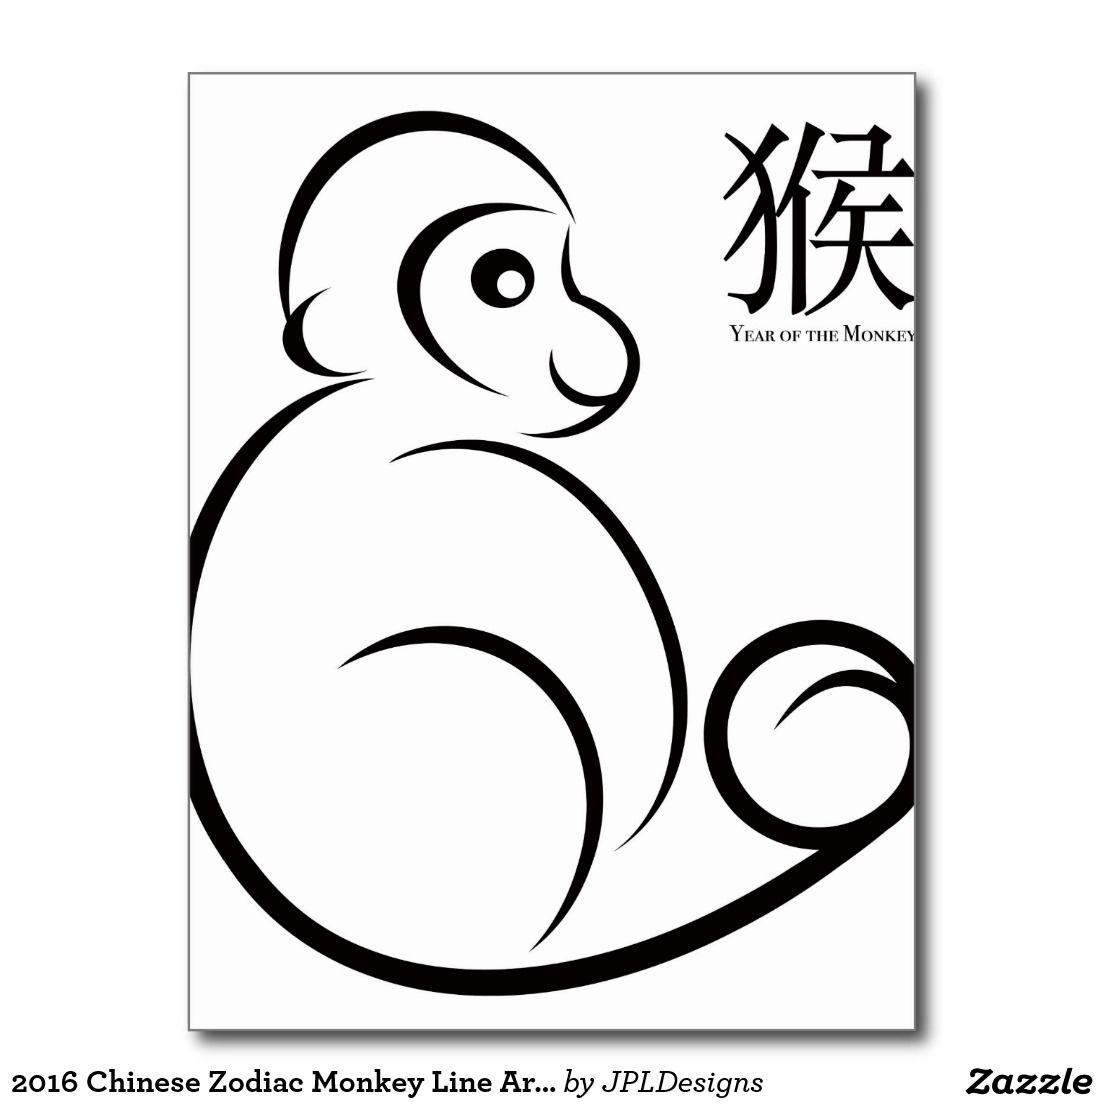 2016 Chinese Zodiac Monkey Line Art Drawing Postcard Zazzle Com In 2021 Line Art Drawings Vine Drawing Monkey Art